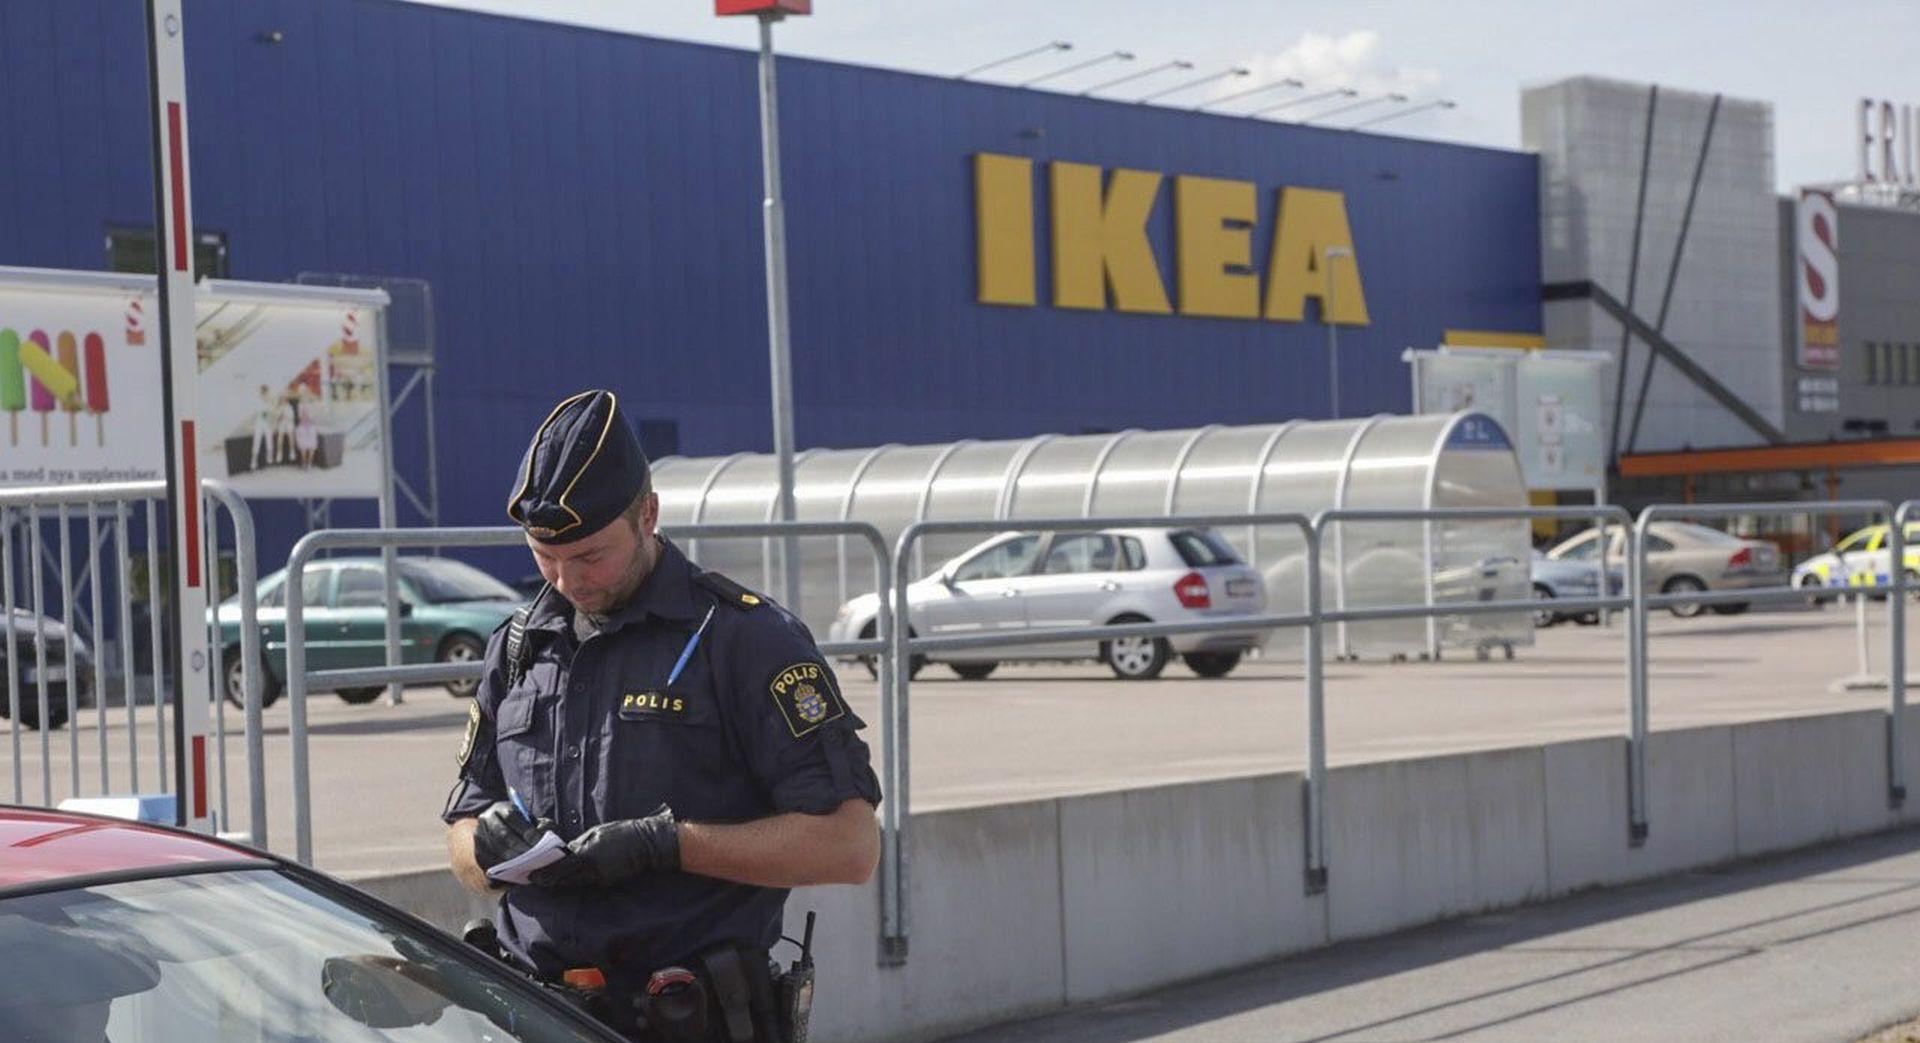 Dvoje ljudi ubijeno nožem u IKEA-i u Švedskoj